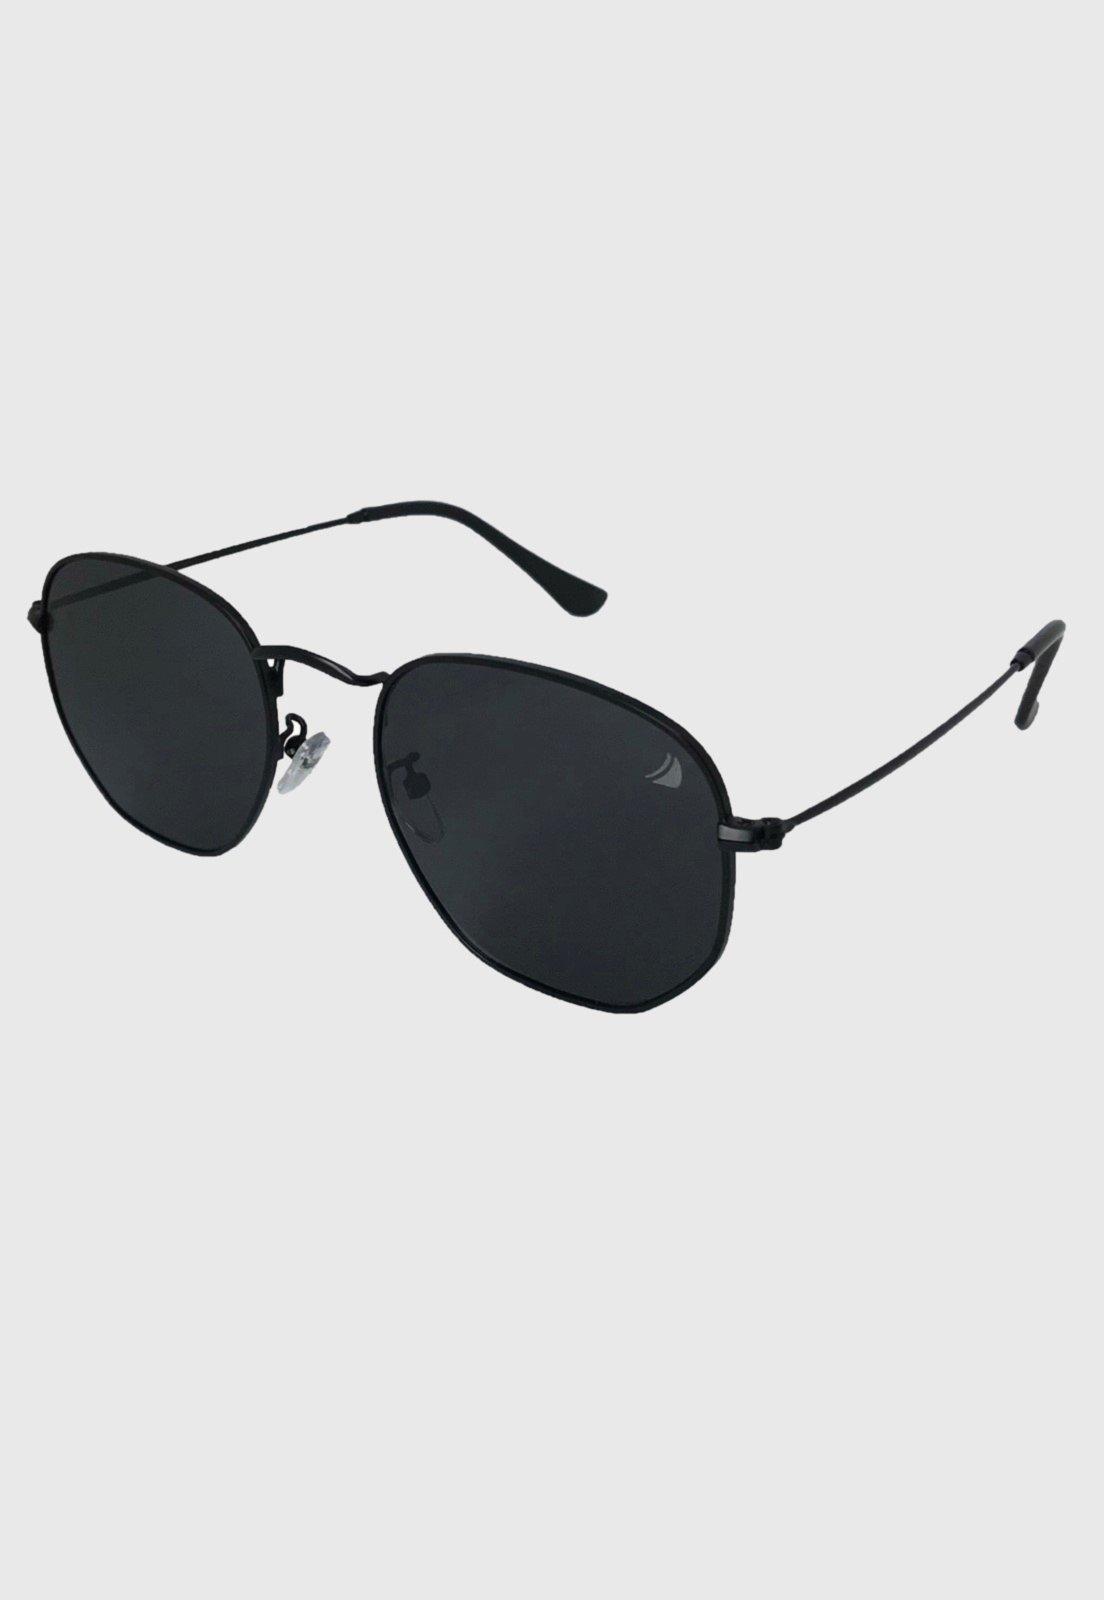 Óculos de sol hexagonal - Volpz